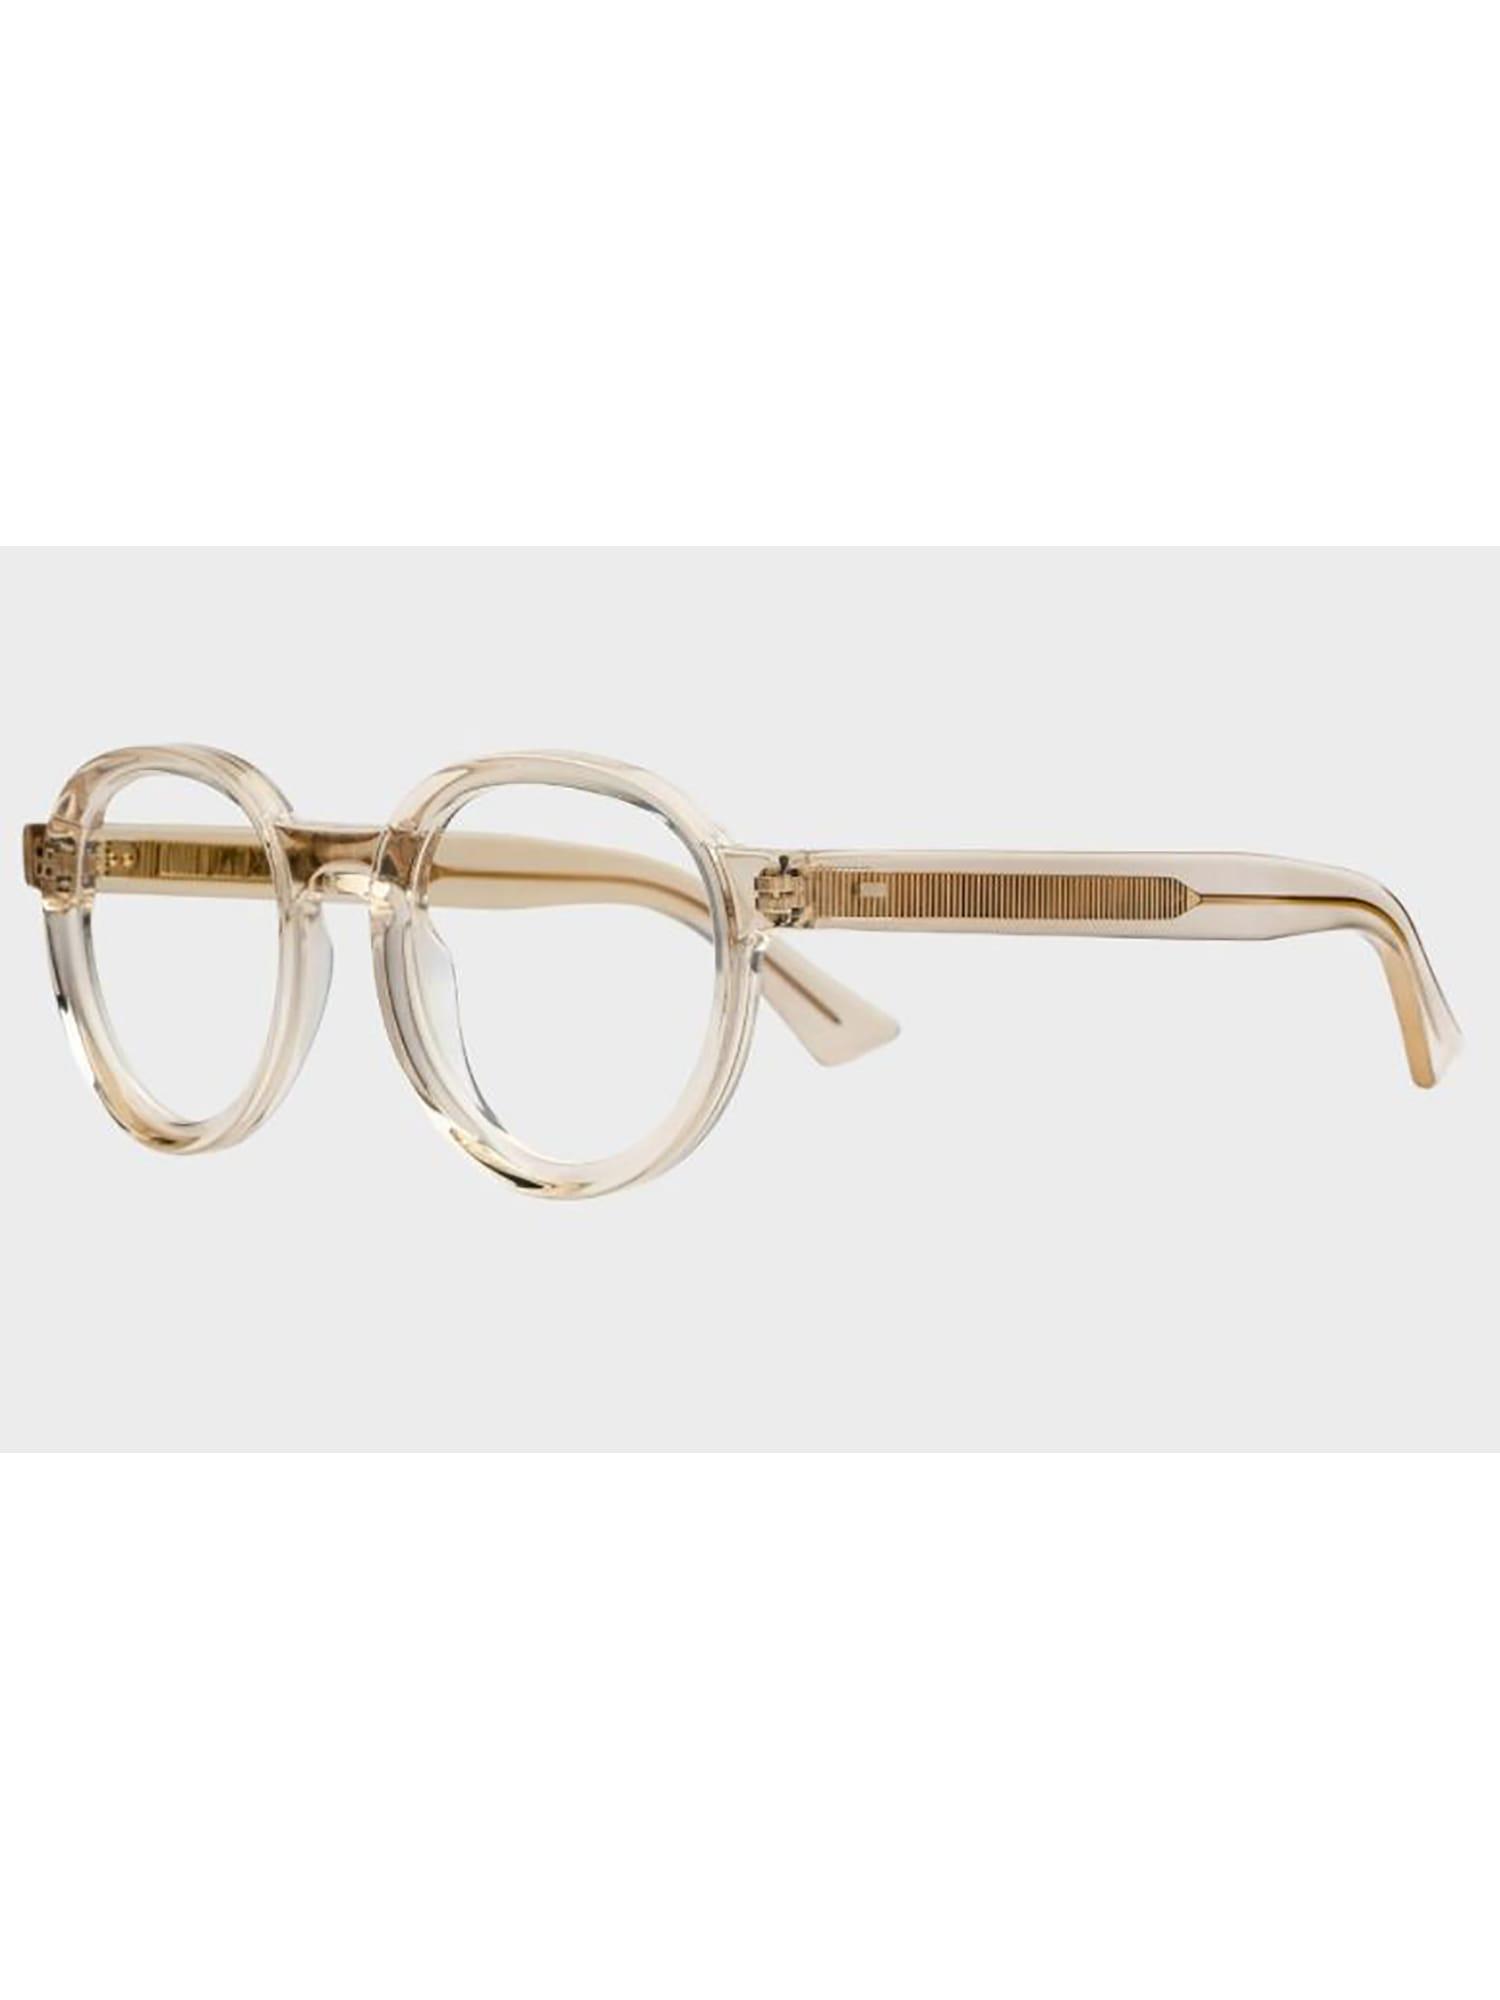 1384/49/04 Eyewear